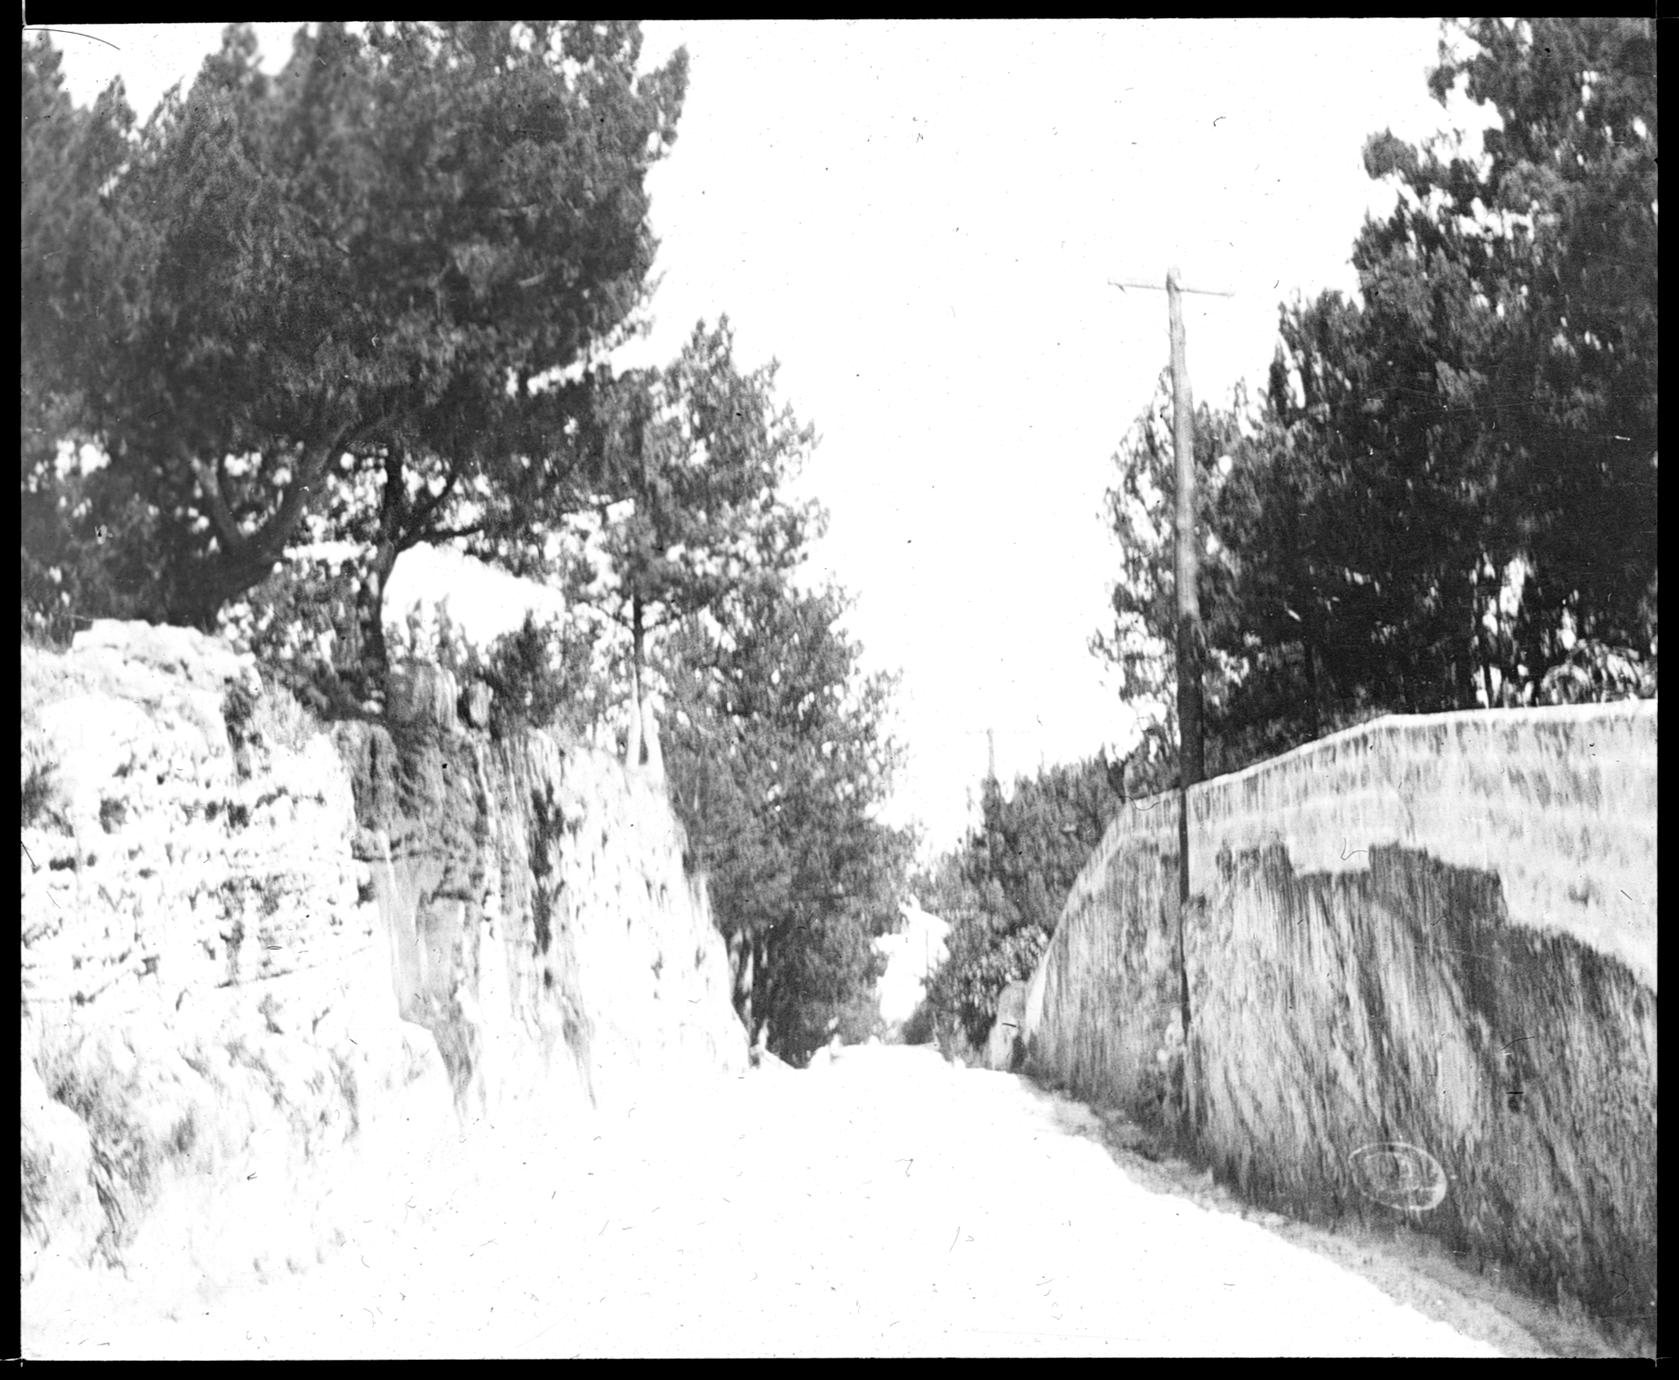 Rock cut in road